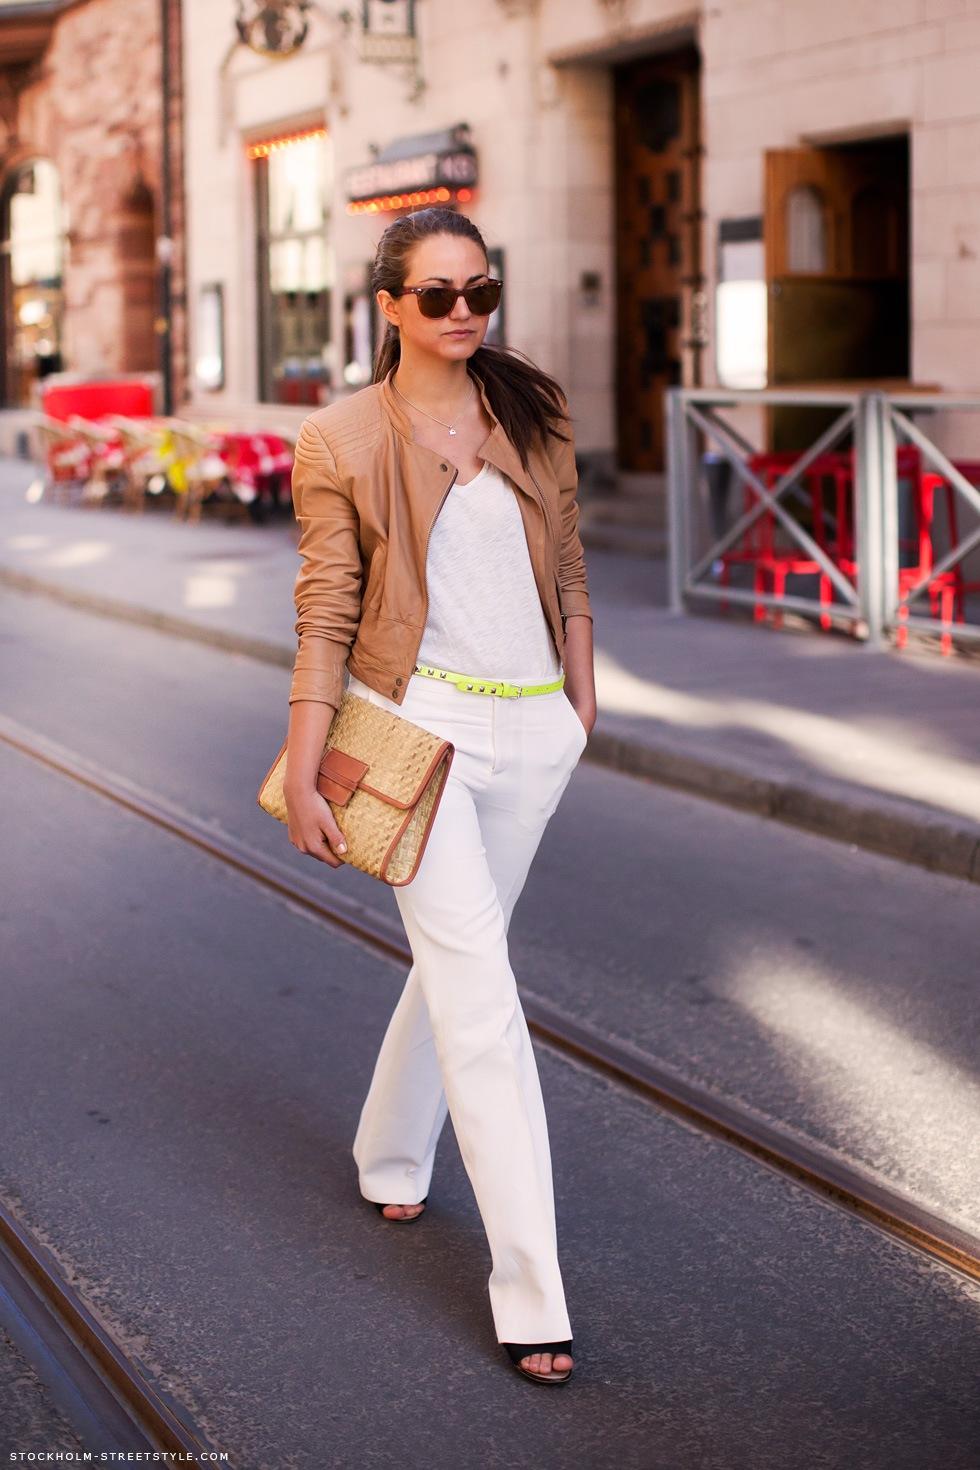 В новом сезоне - тренд №2 белые брюки.